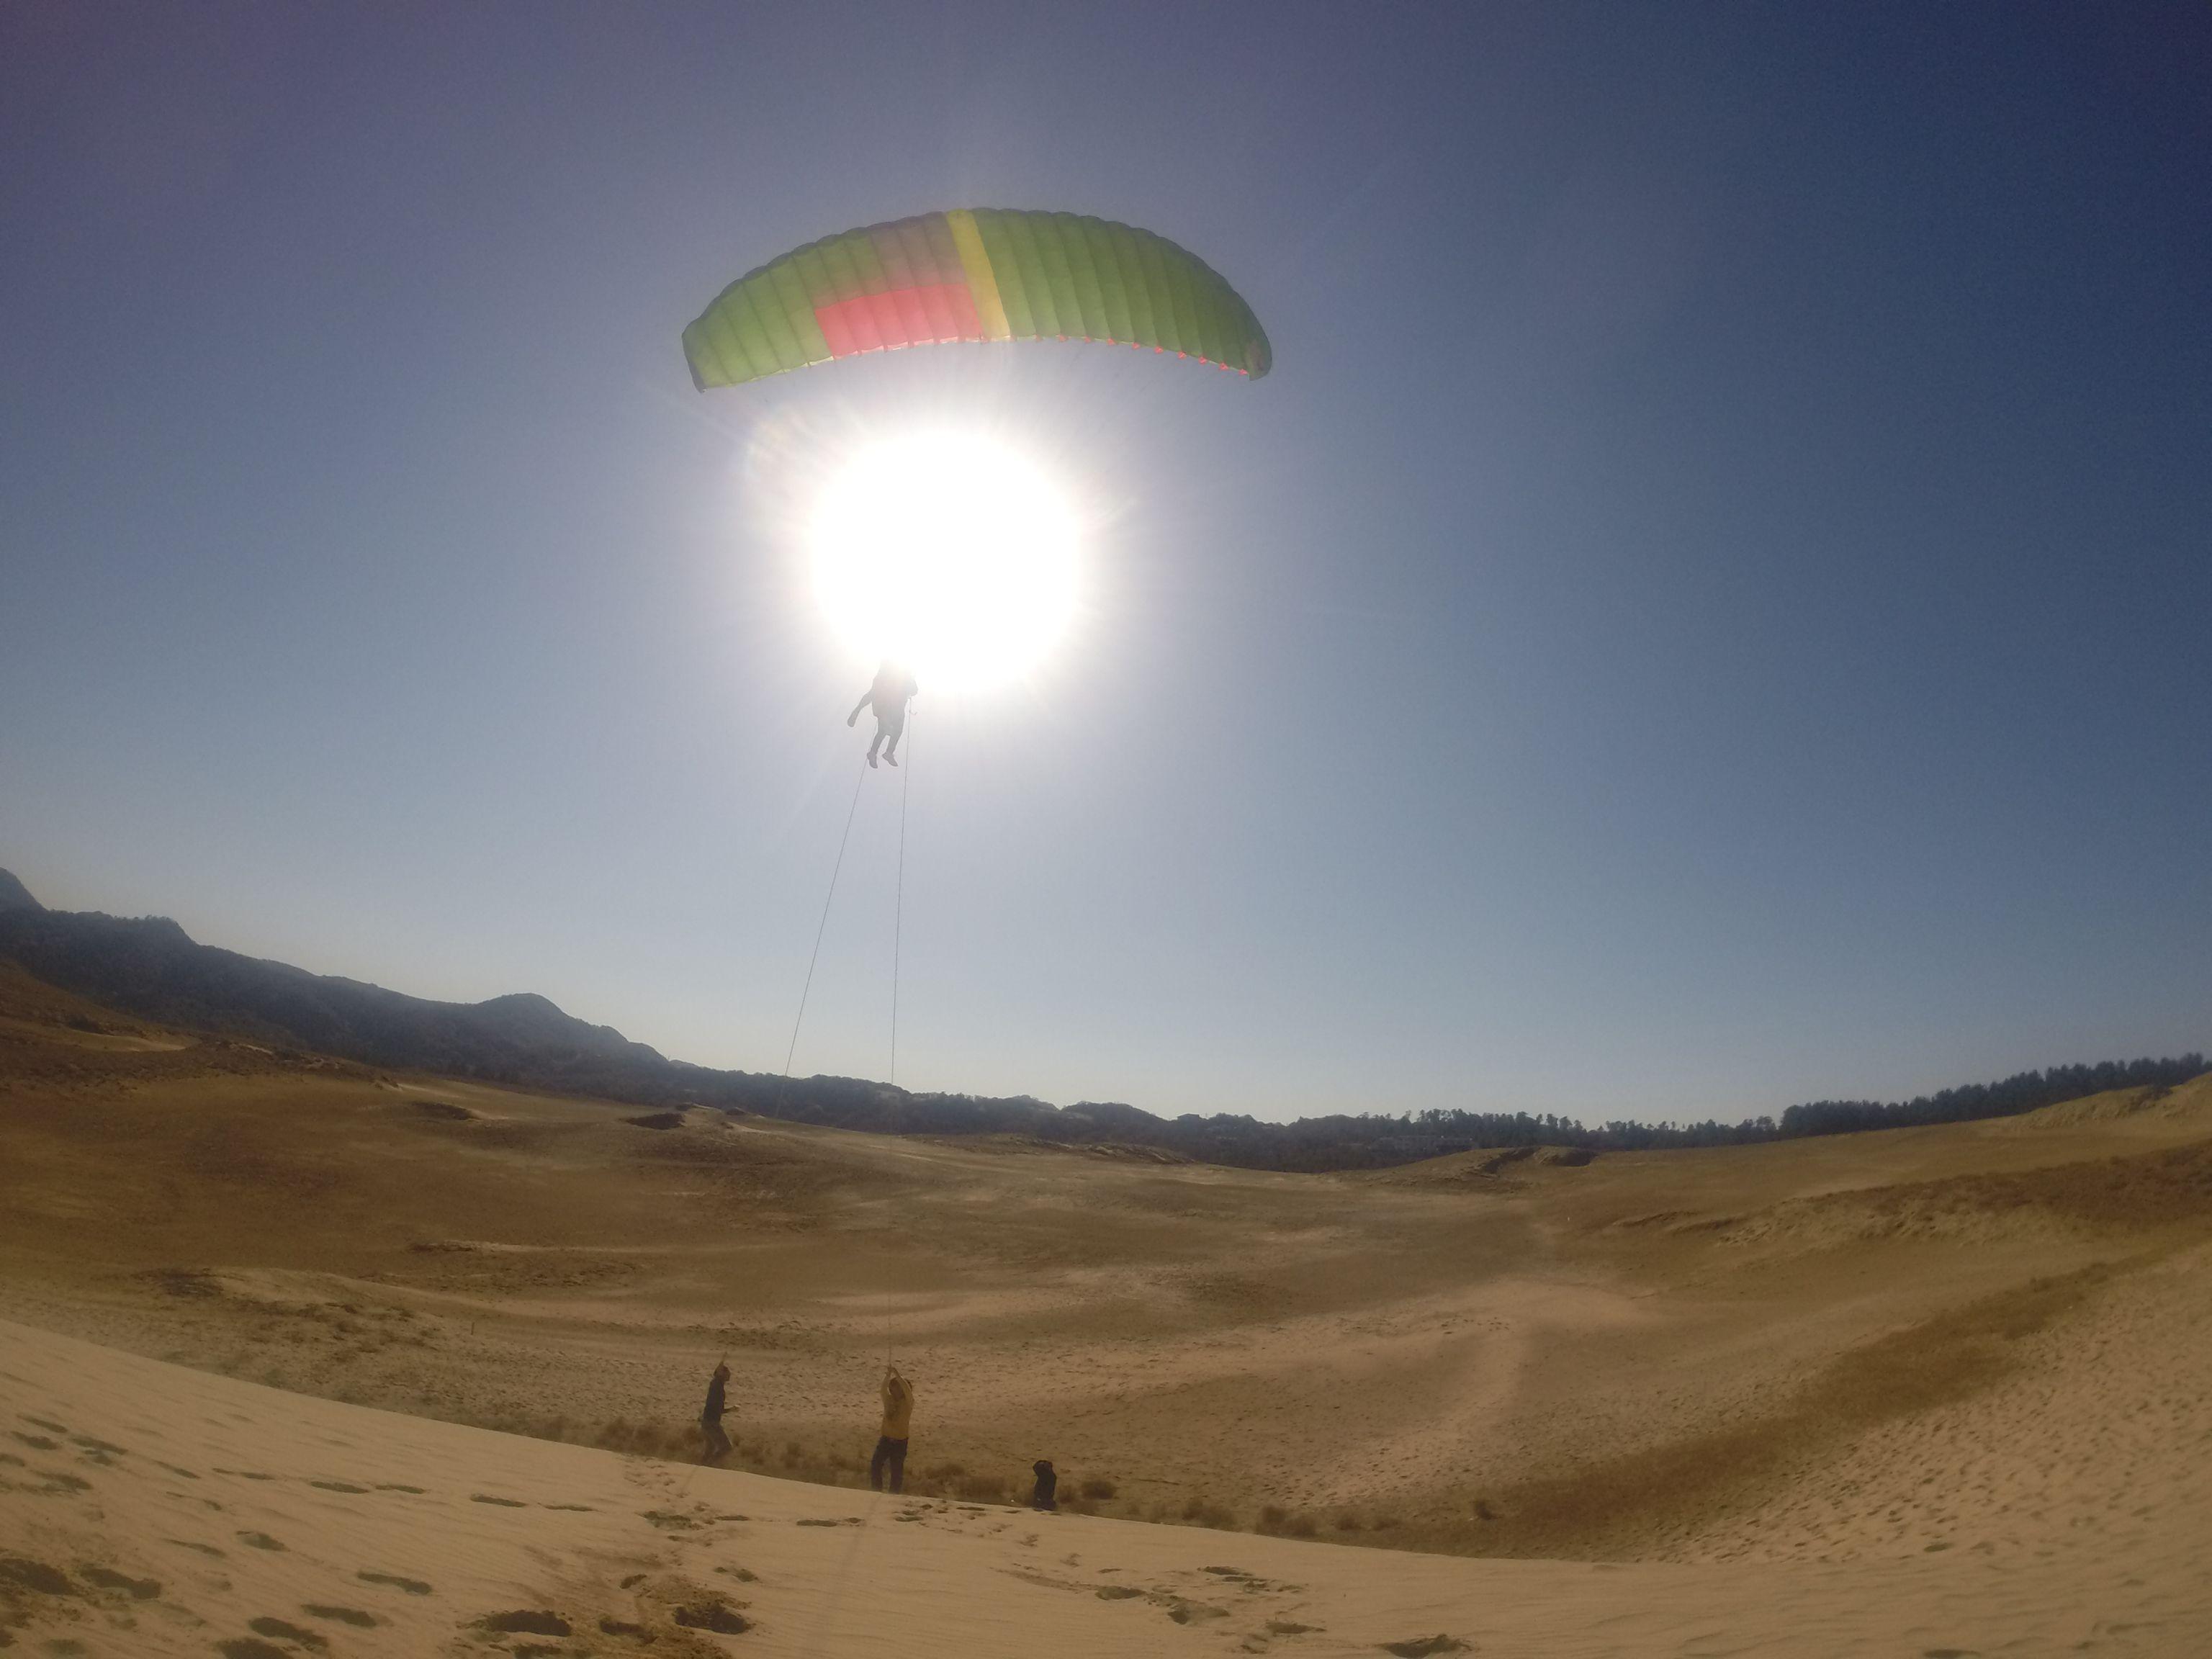 ぐーんと高くなって、雄大な砂丘を空から一望